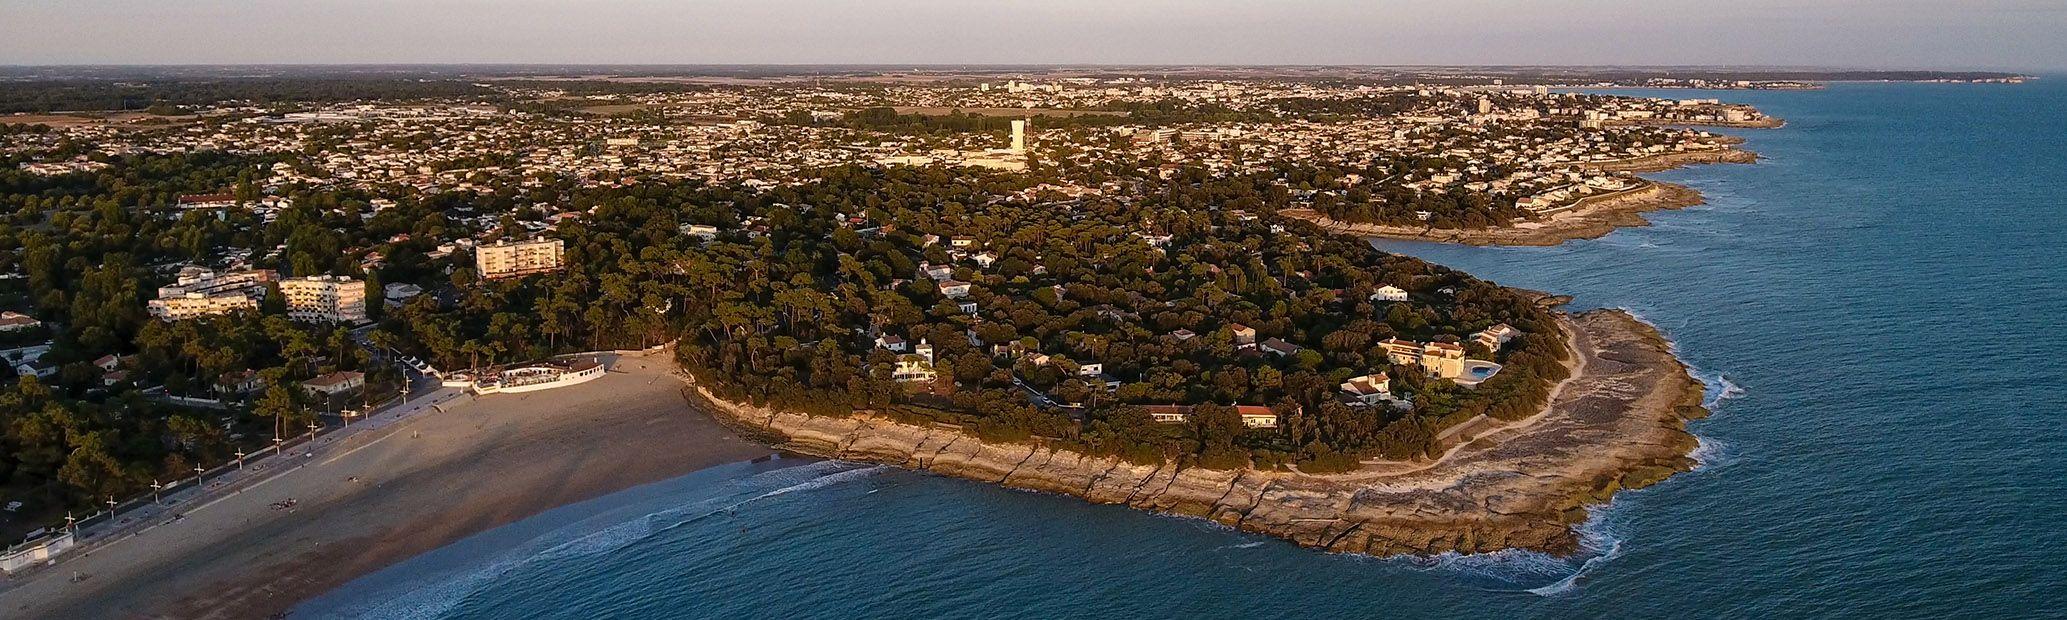 Vaux sur mer 17 - Office tourisme vaux sur mer ...